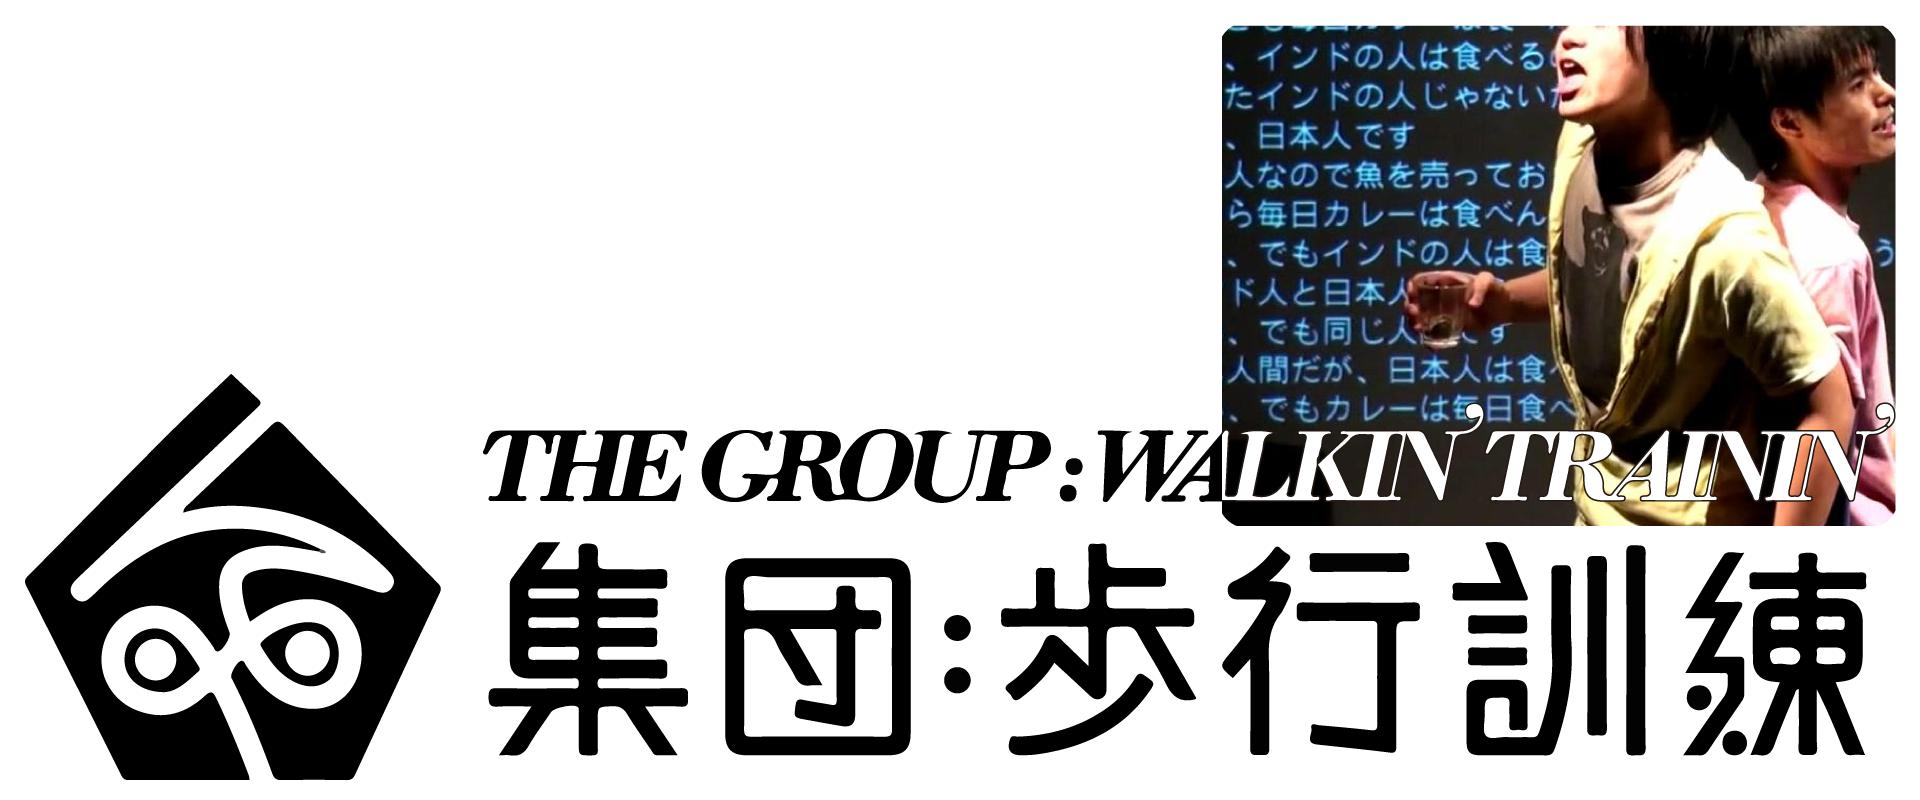 集団:歩行訓練